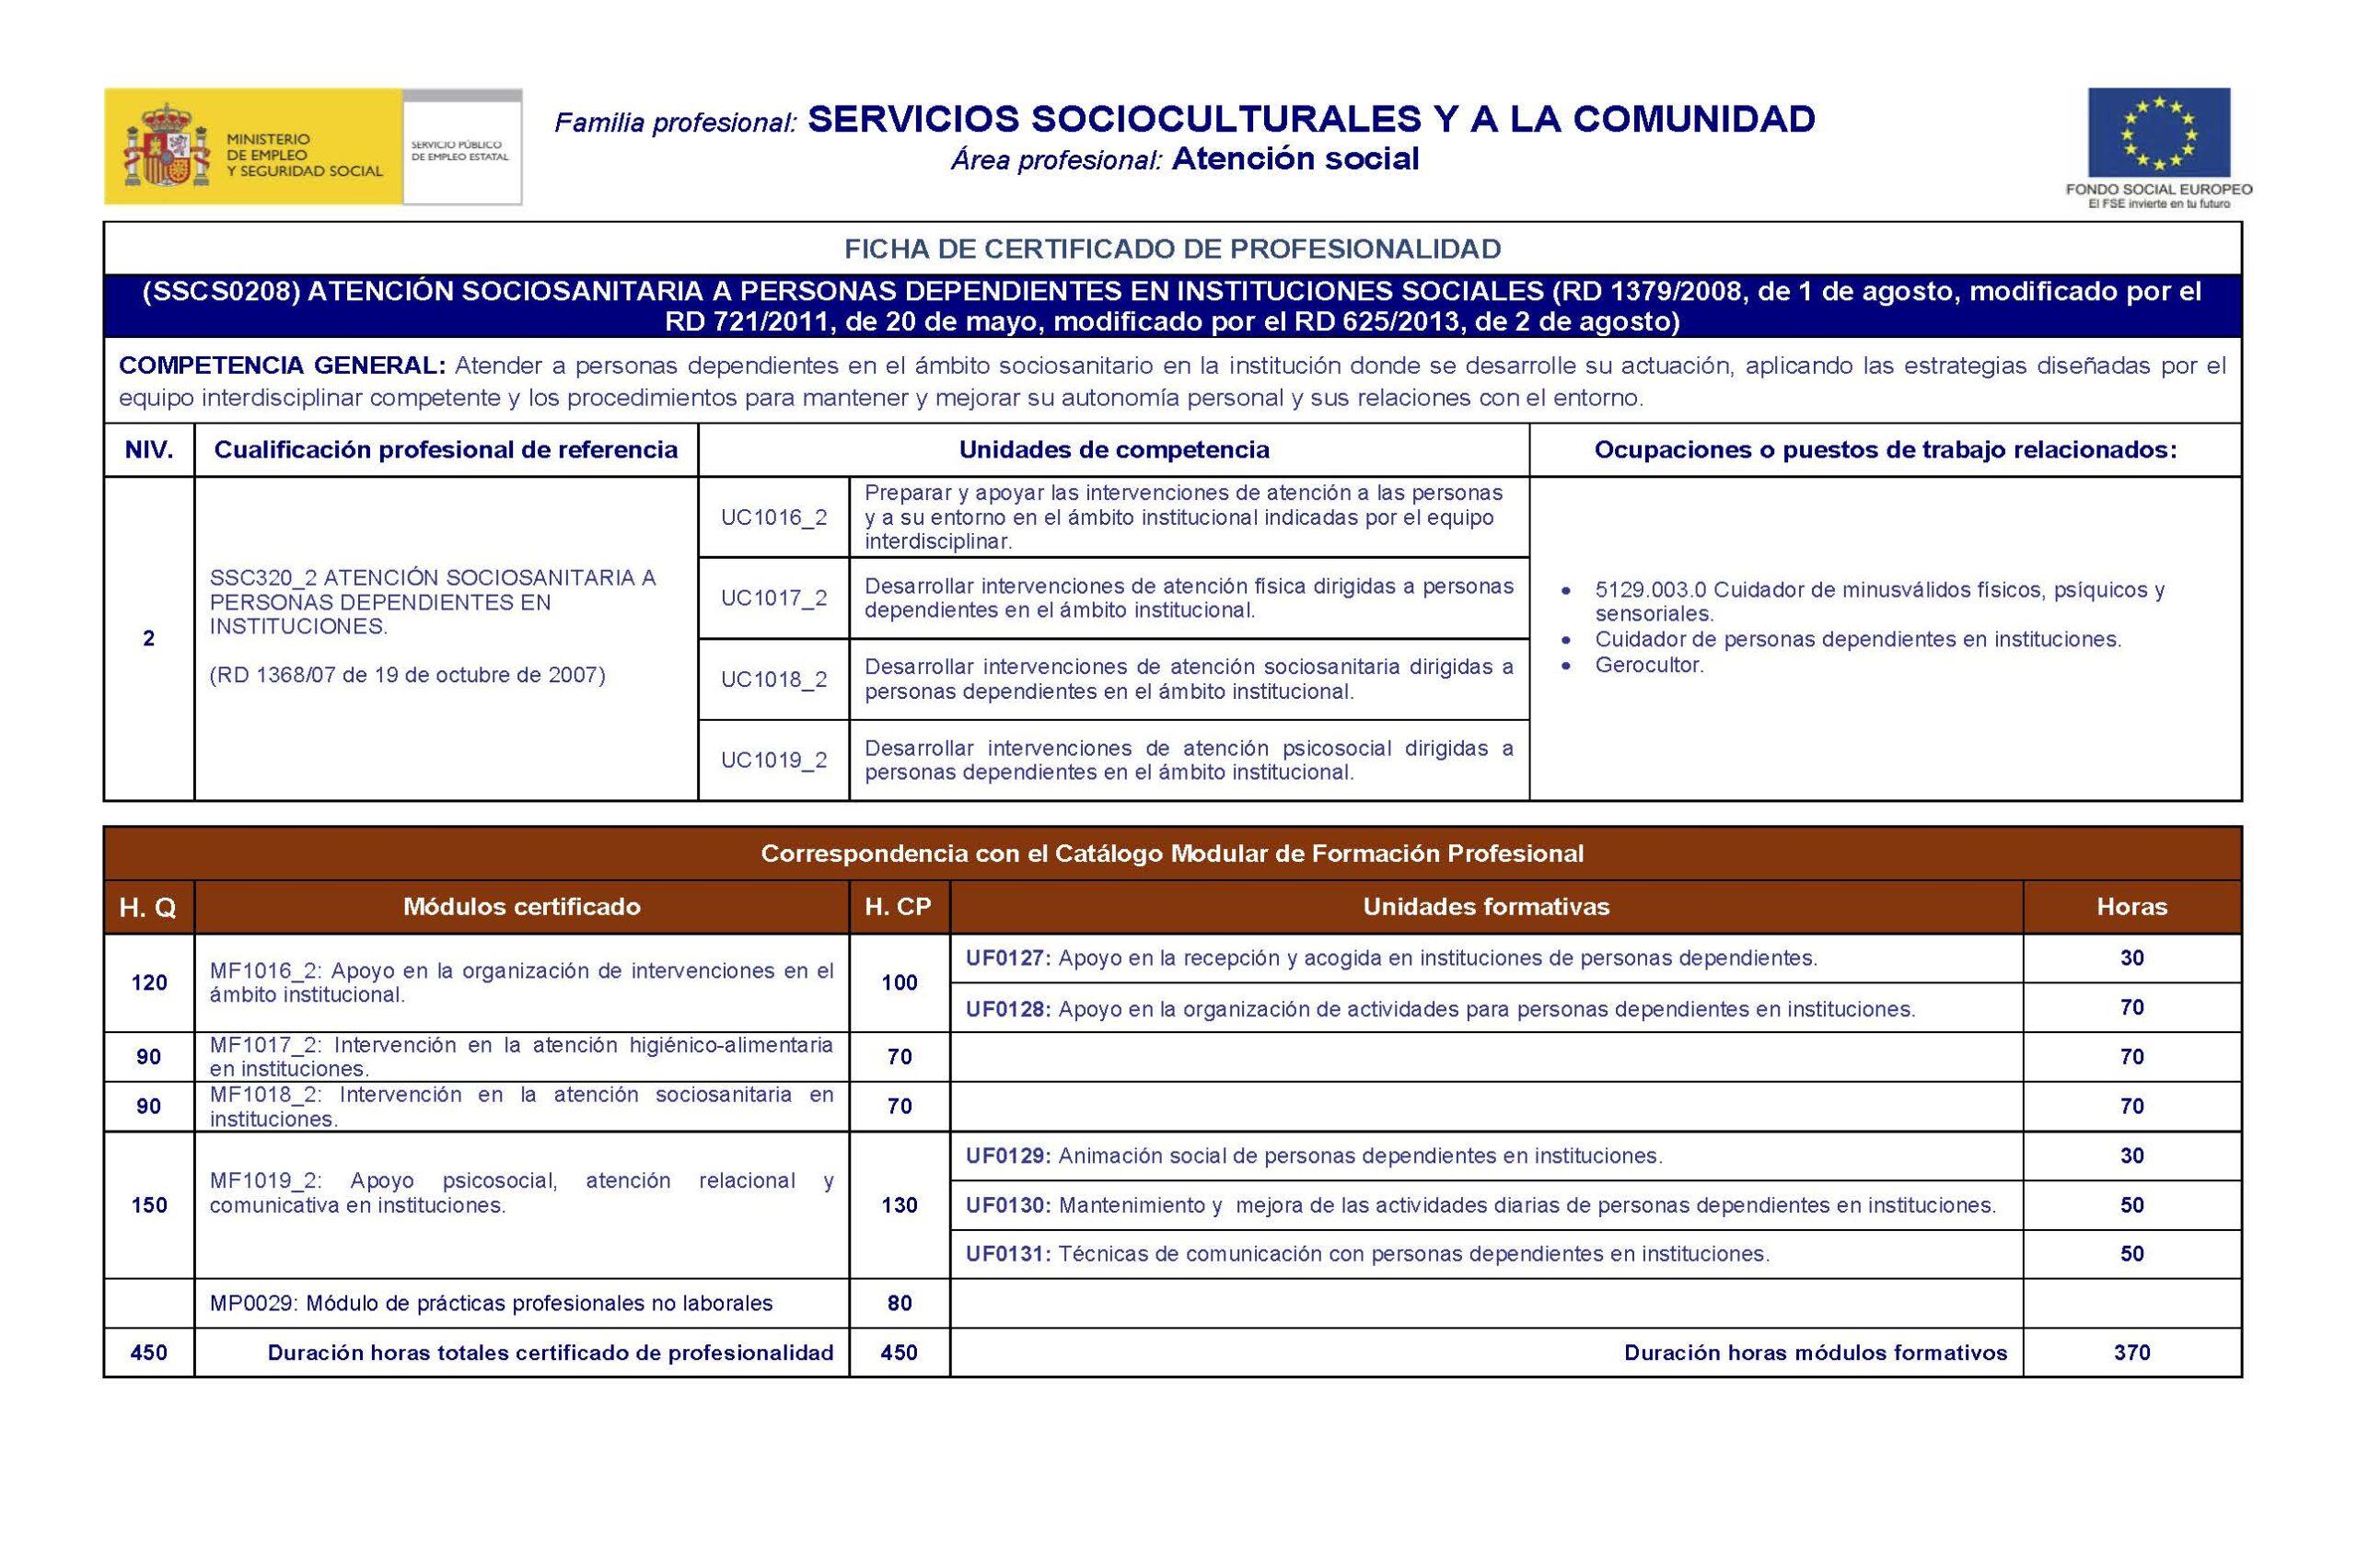 Ficha Atención Sociosanitaria en instituciones 1